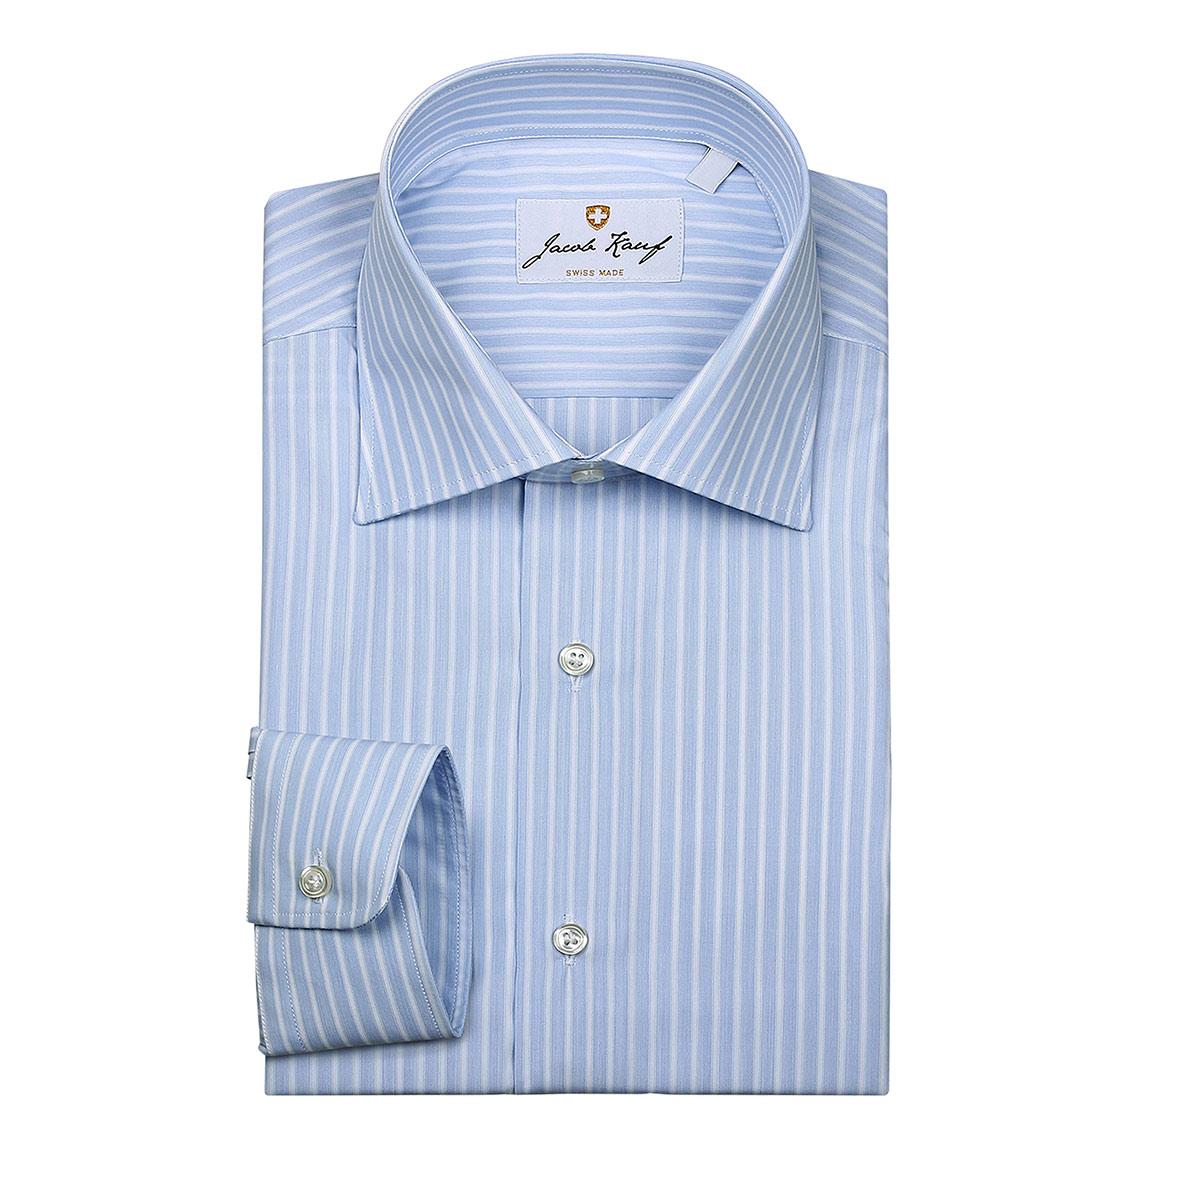 schweizer hemd jacob kauf, breit gestreift, blau weiss